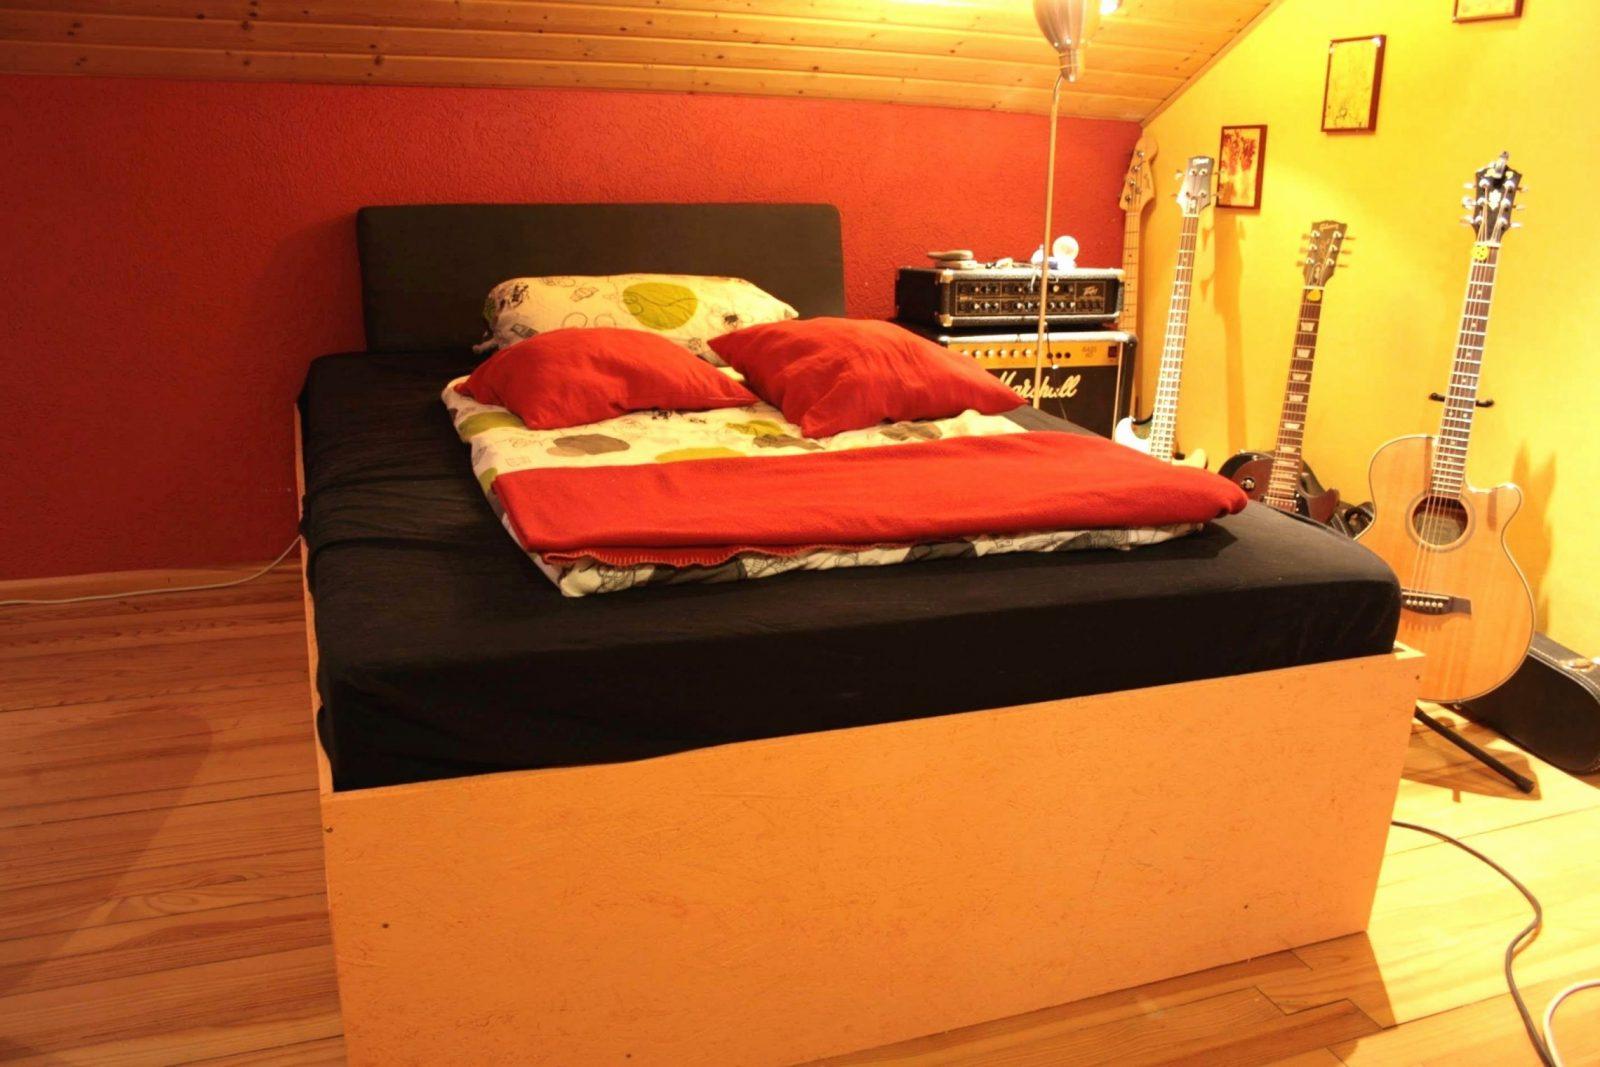 54 Bilder Stock Von Bett Selber Bauen Ikea  Grundrisse Idee von Plattform Bett Selber Bauen Bild